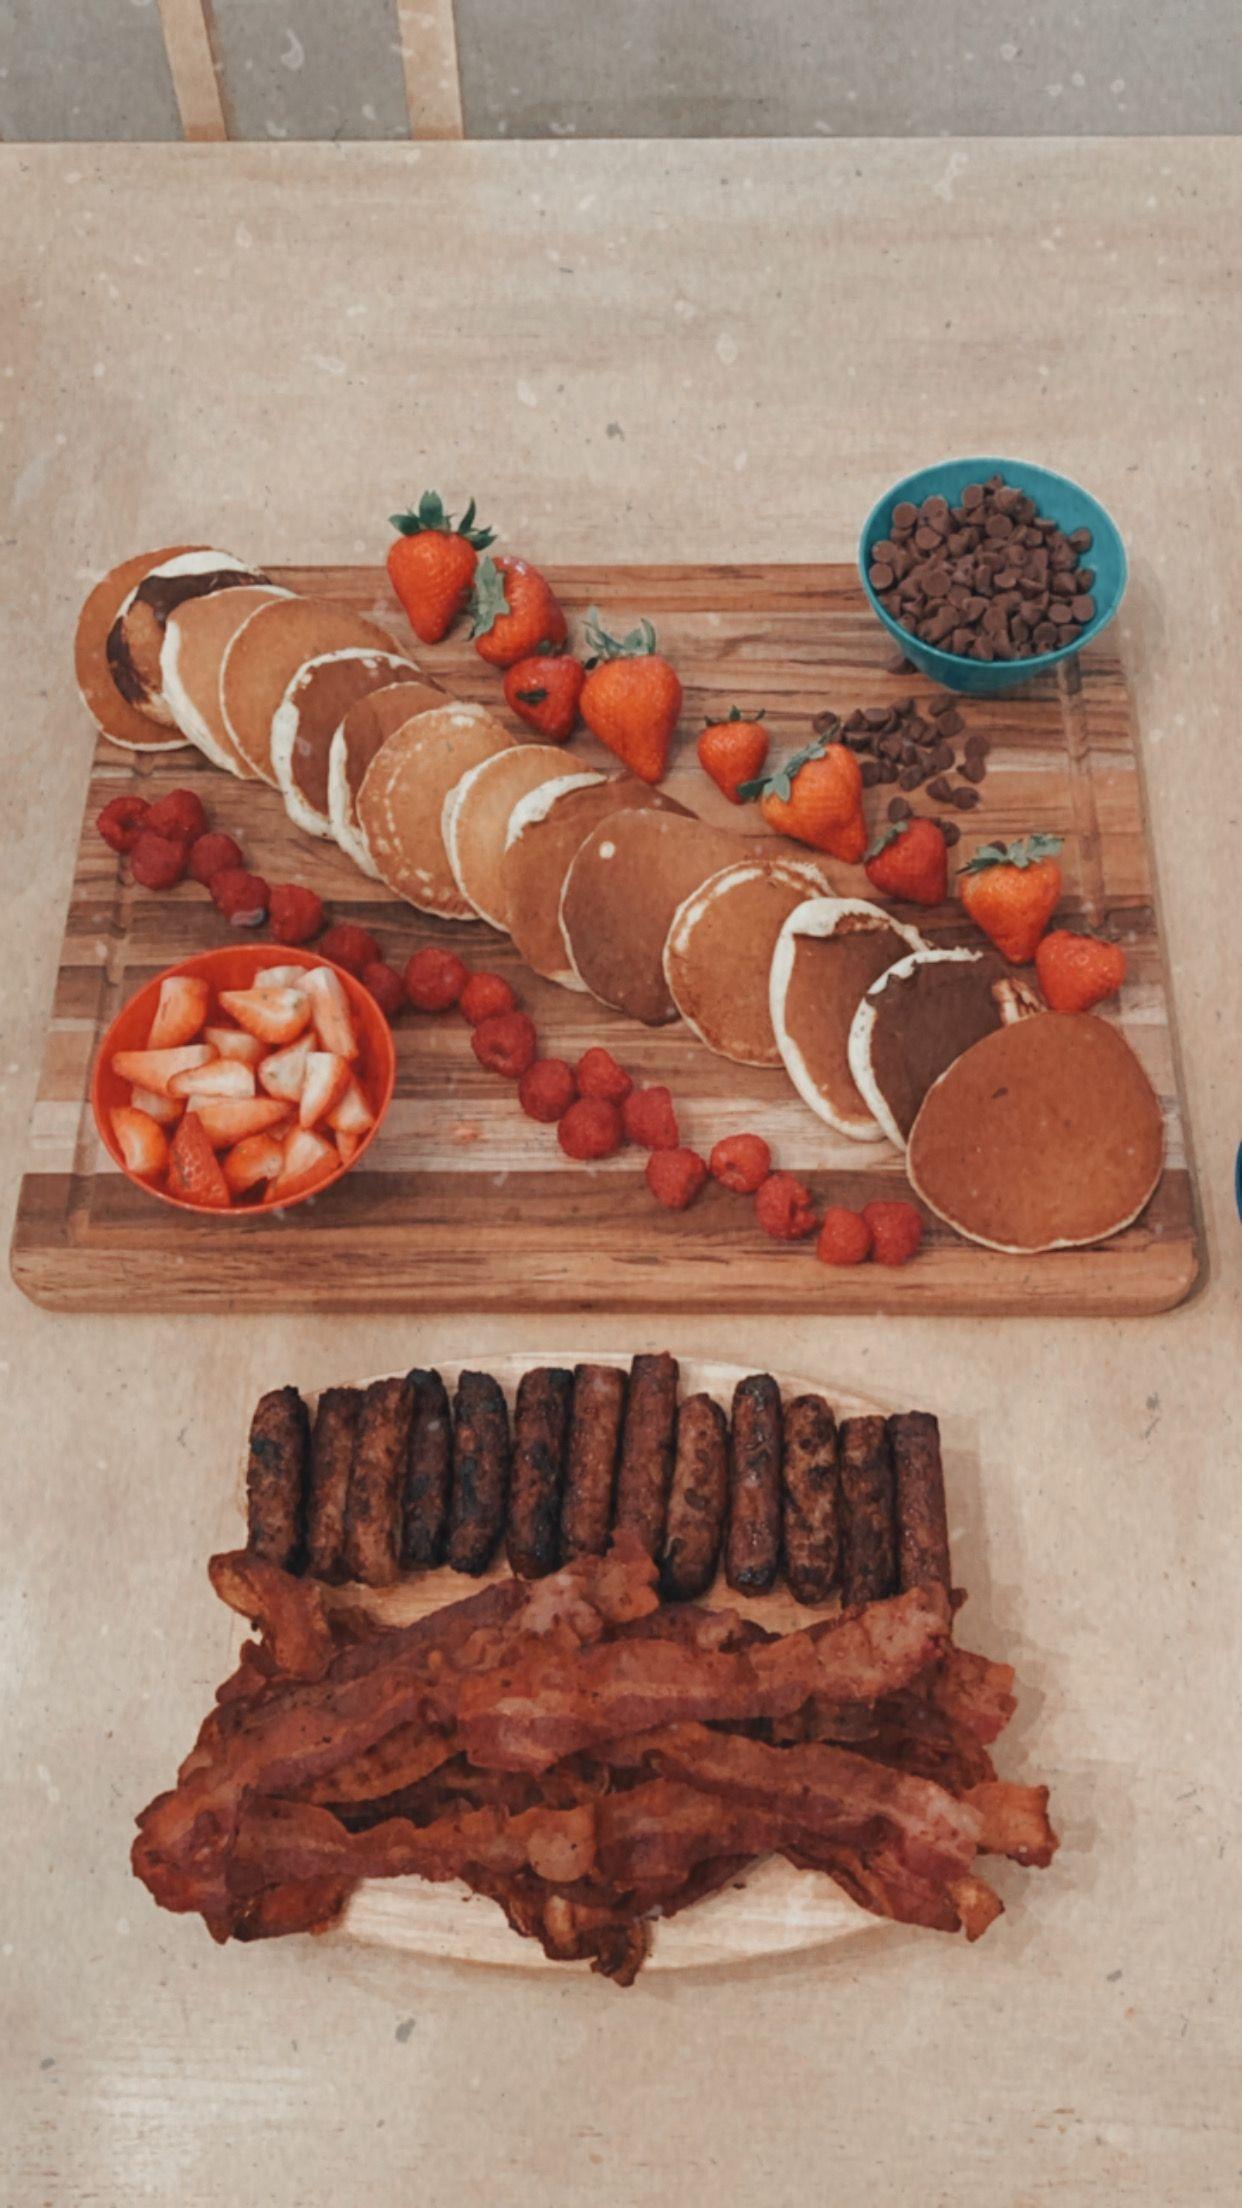 Breakfast food platter